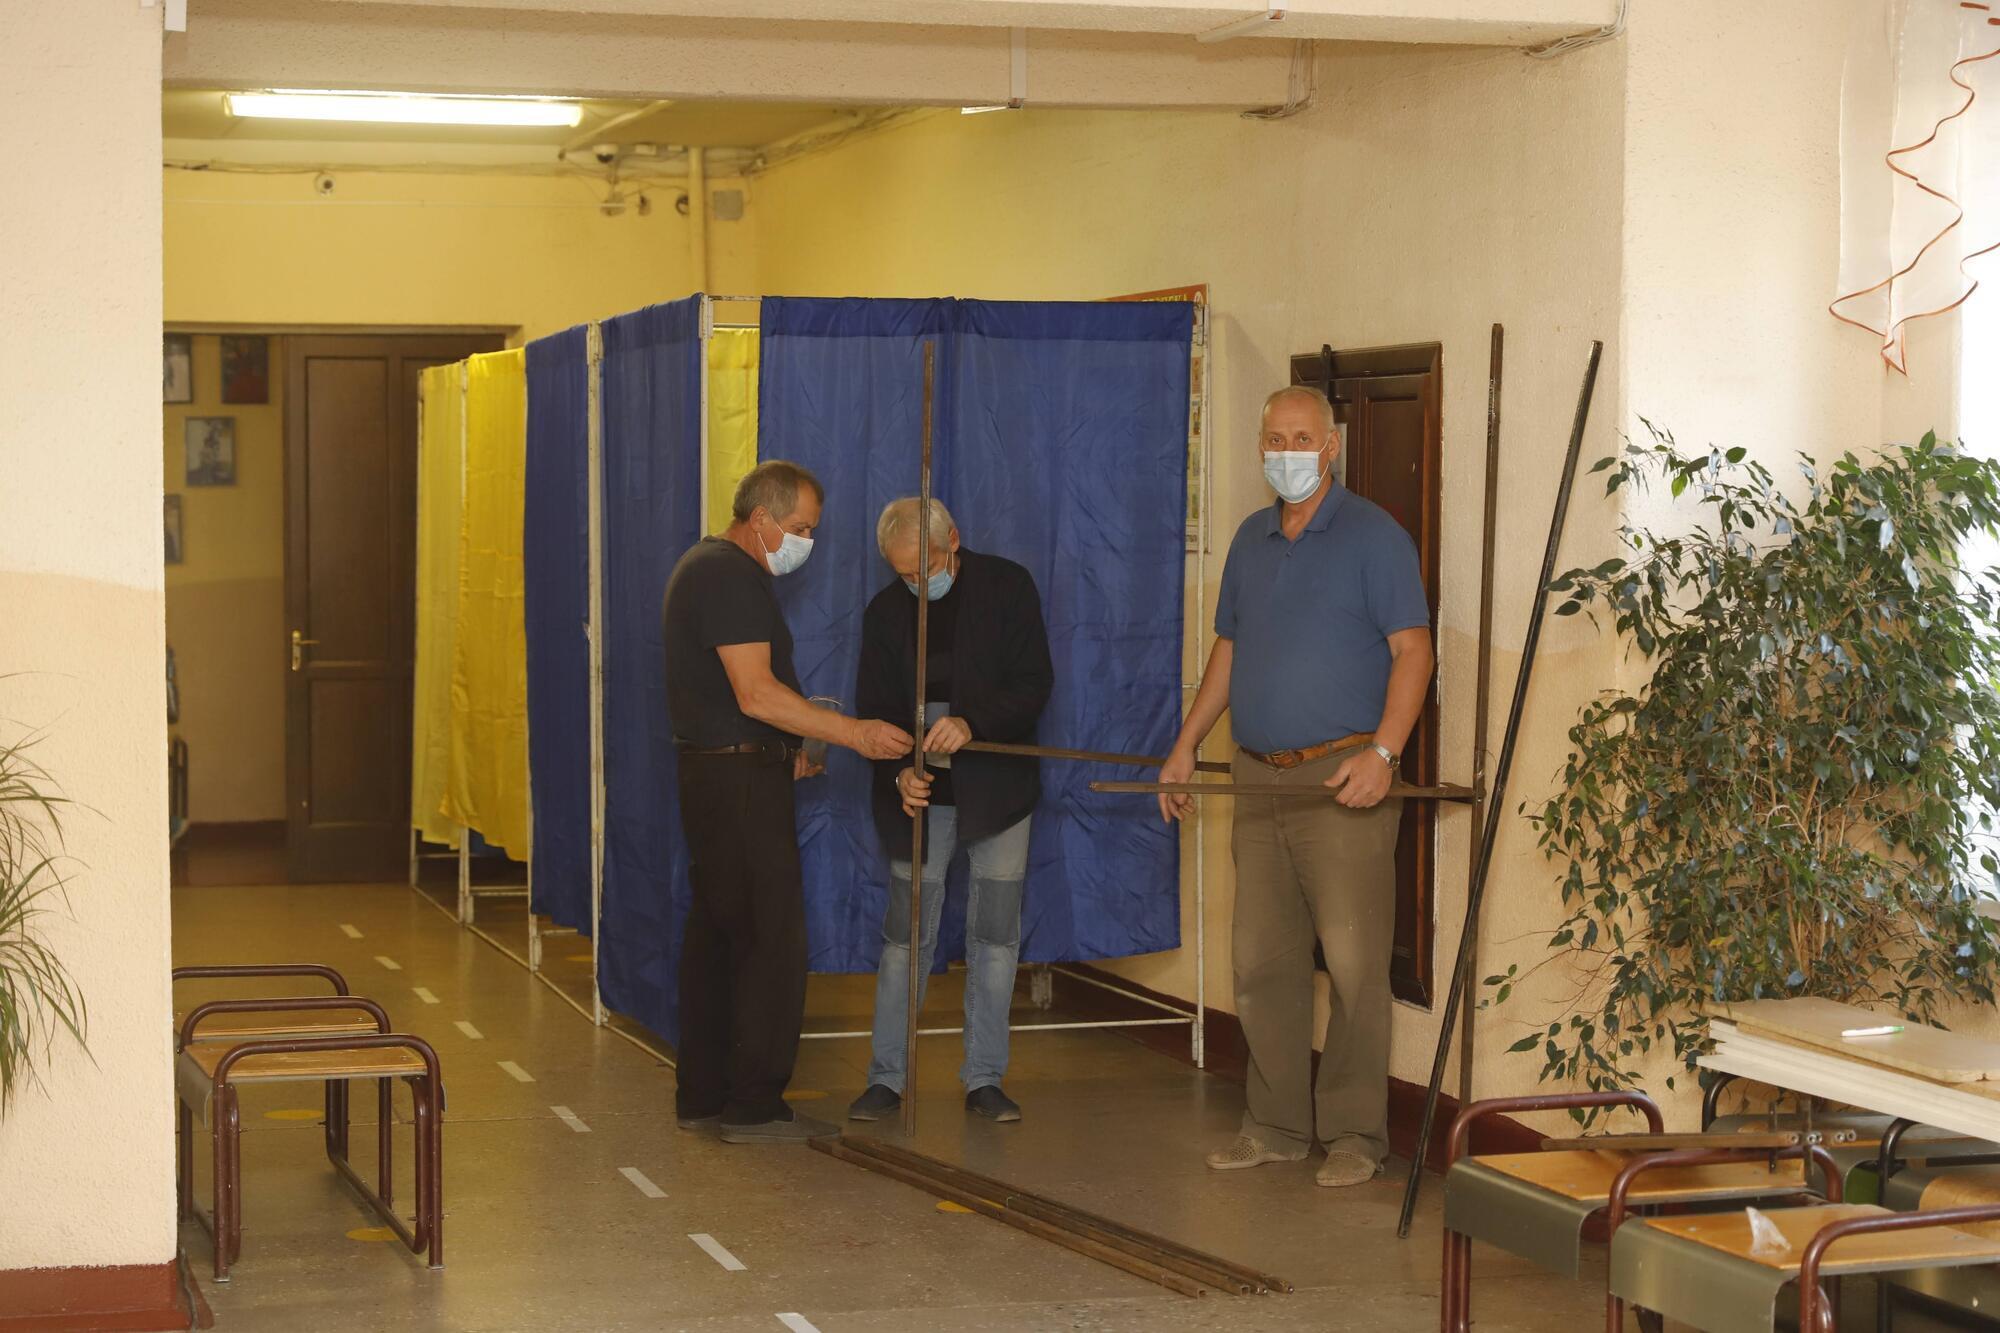 Уже все почти готово и на участке №121181, где по списку 1928 избирателей.